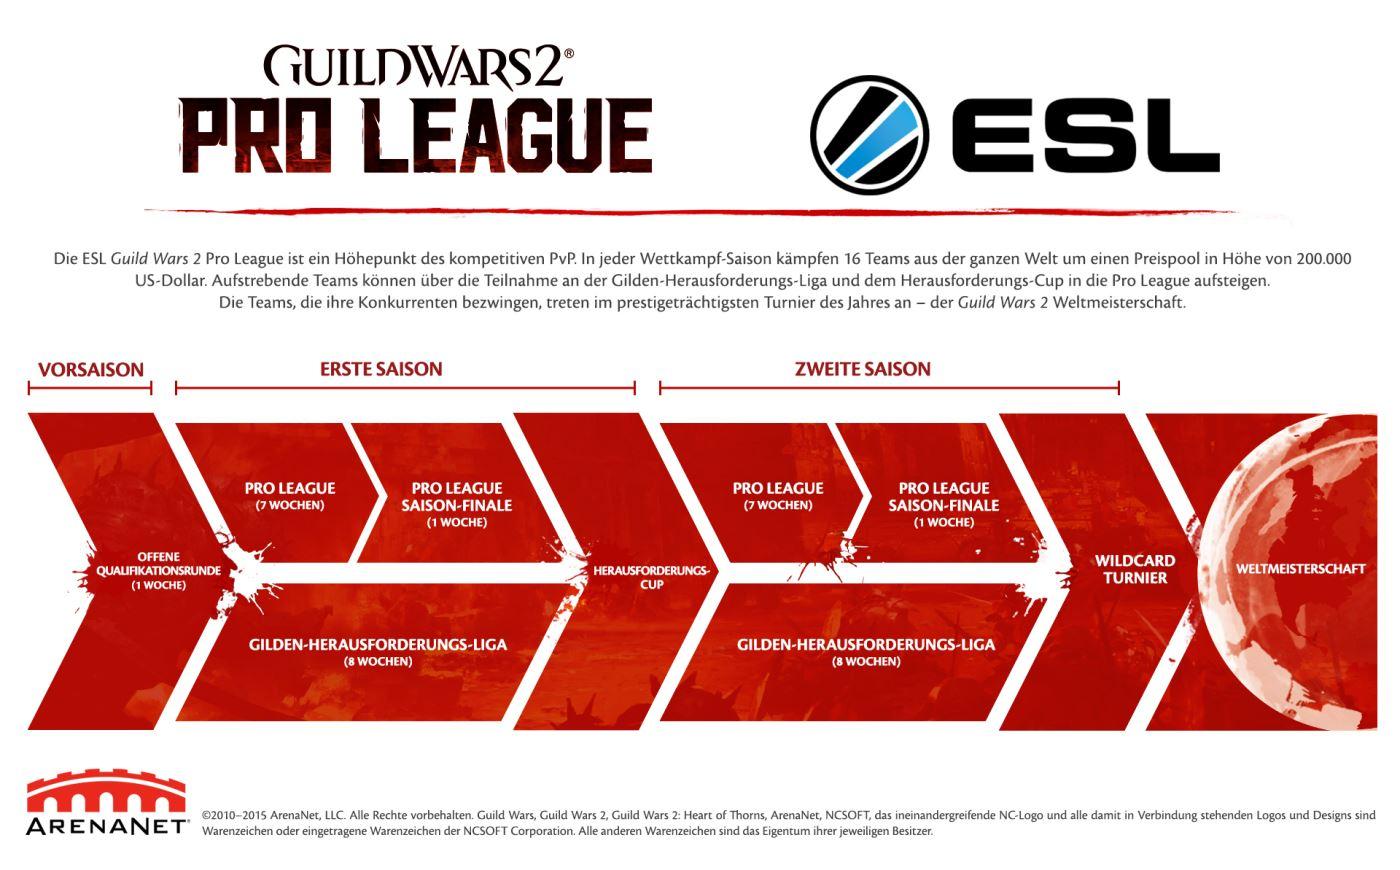 Guild Wars 2 ESL Pro League